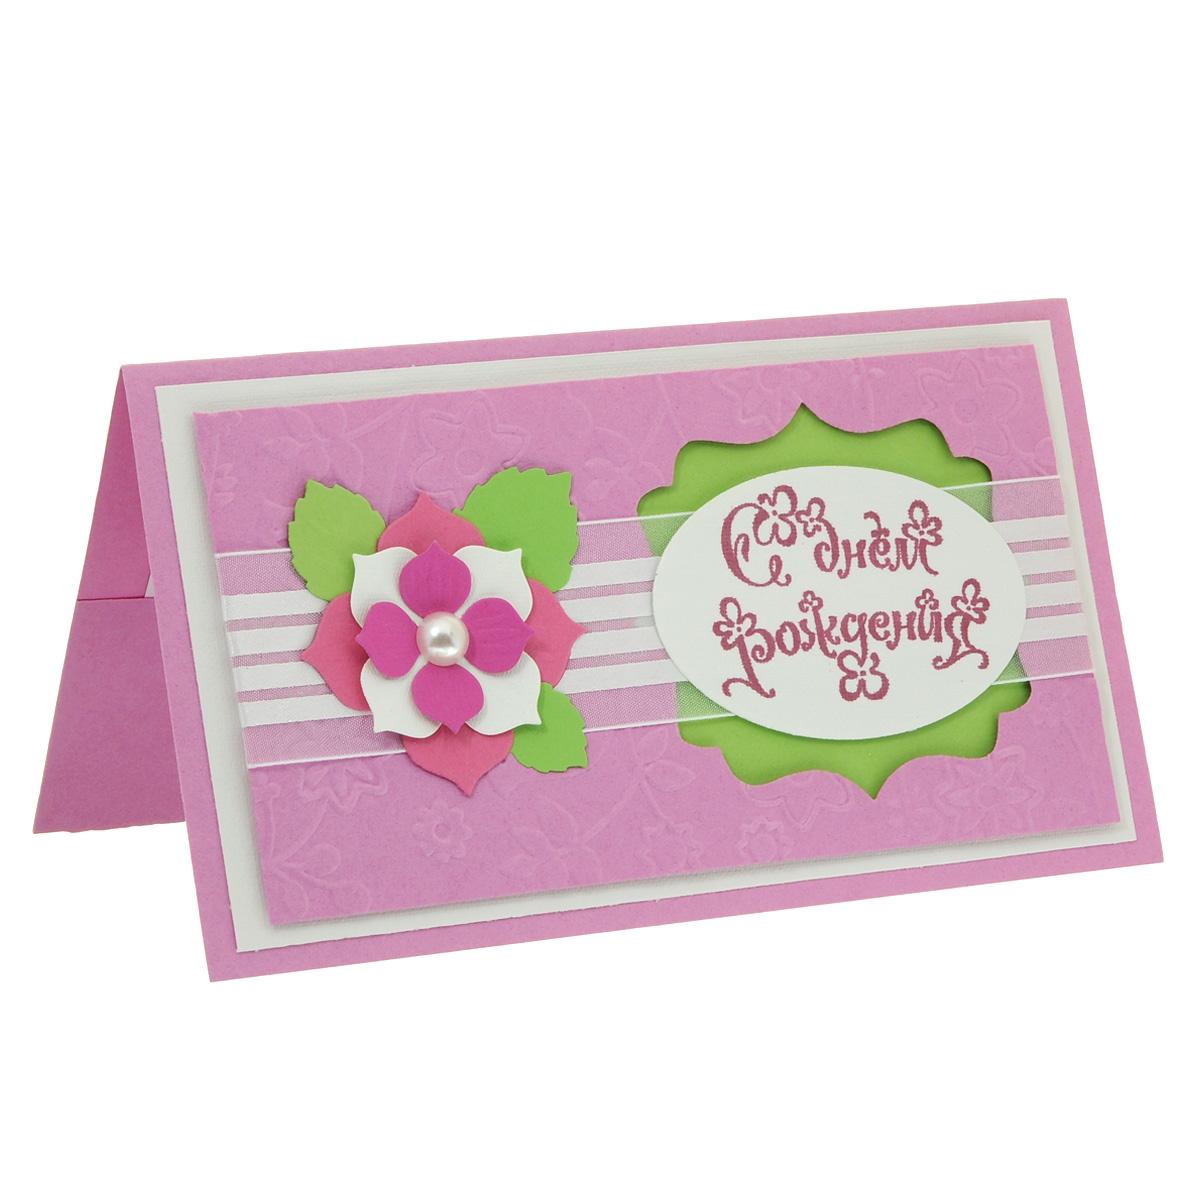 ОЖ-0014 Открытка-конверт «С Днём Рождения!». Студия «Тётя Роза»Брелок для ключейХарактеристики: Размер 19 см x 11 см.Материал: Высоко-художественный картон, бумага, декор. Данная открытка может стать как прекрасным дополнением к вашему подарку, так и самостоятельным подарком. Так как открытка является и конвертом, в который вы можете вложить ваш денежный подарок или просто написать ваши пожелания на вкладыше. Выразительный стиль этого поздравления создан сочетанием ярких розово-зеленых контрастов. Надпись располагается поверх изящного окошка в фоновом поле открытки. Текстурный рельеф и атласная лента дополняют общий декор. Также открытка упакована в пакетик для сохранности.Обращаем Ваше внимание на то, что открытка может незначительно отличаться от представленной на фото. Открытки ручной работы от студии Тётя Роза отличаются своим неповторимым и ярким стилем. Каждая уникальна и выполнена вручную мастерами студии. (Открытка для мужчин, открытка для женщины, открытка на день рождения, открытка с днем свадьбы, открытка винтаж, открытка с юбилеем, открытка на все случаи, скрапбукинг)